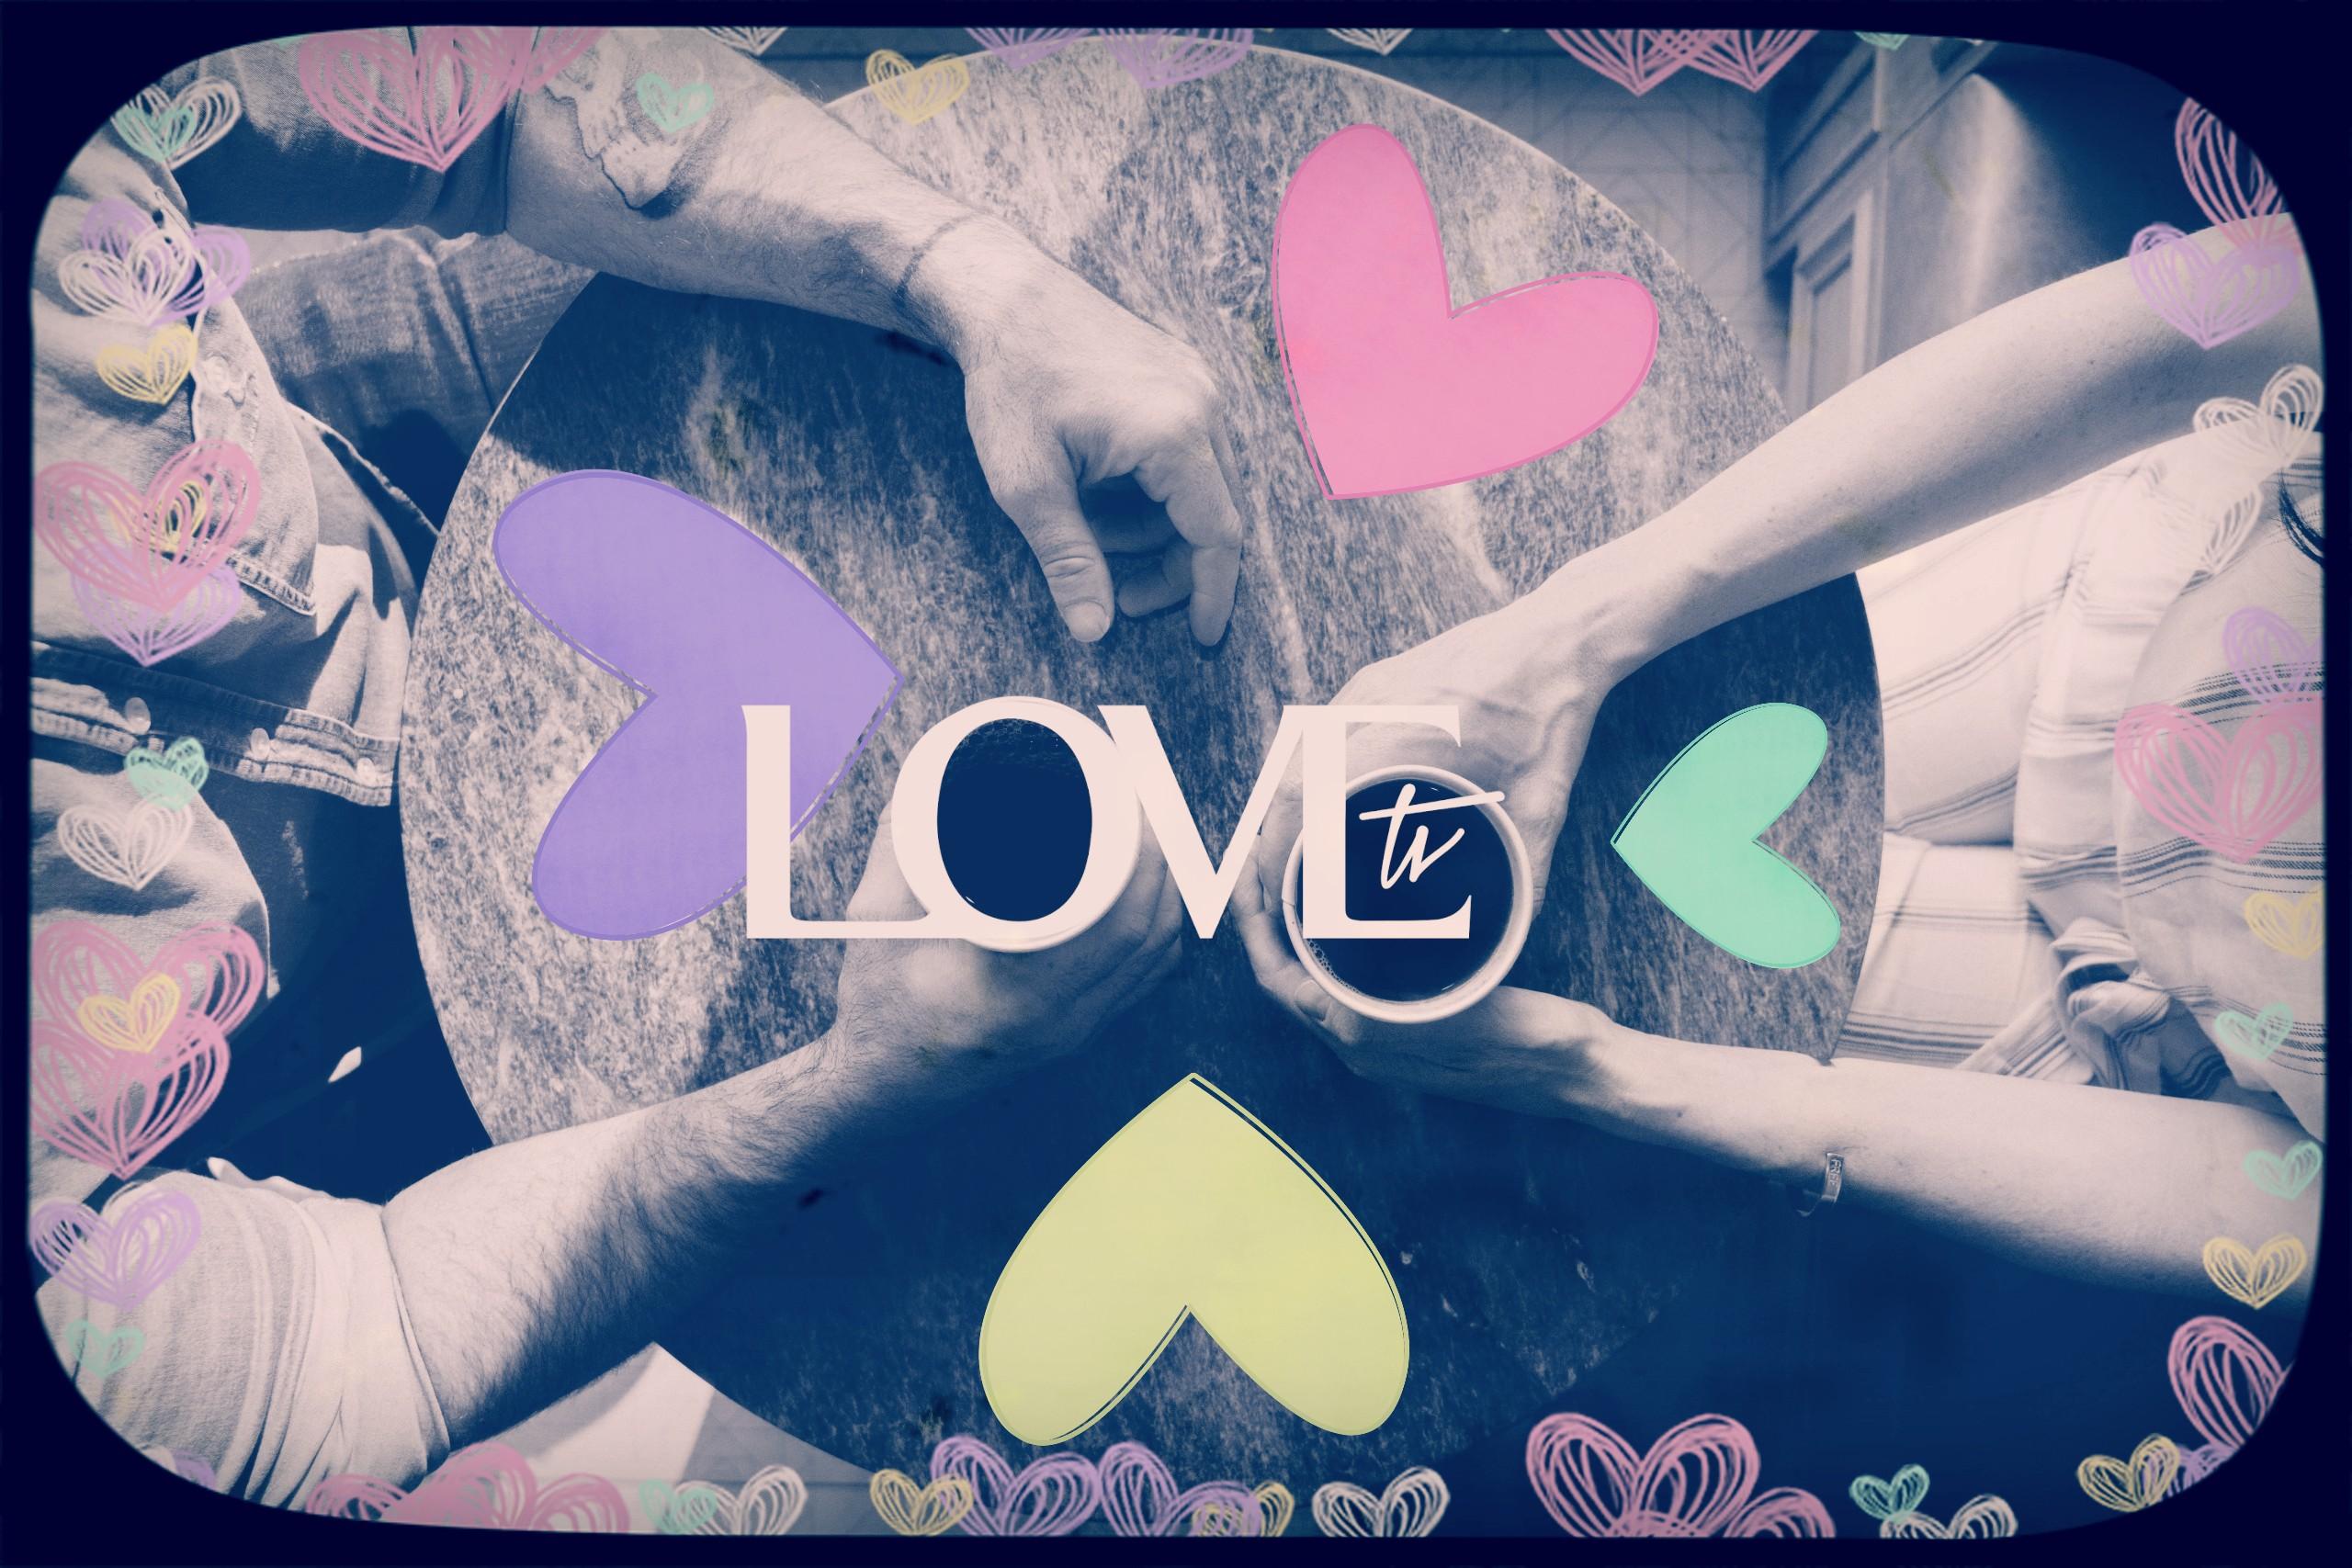 @lovetv